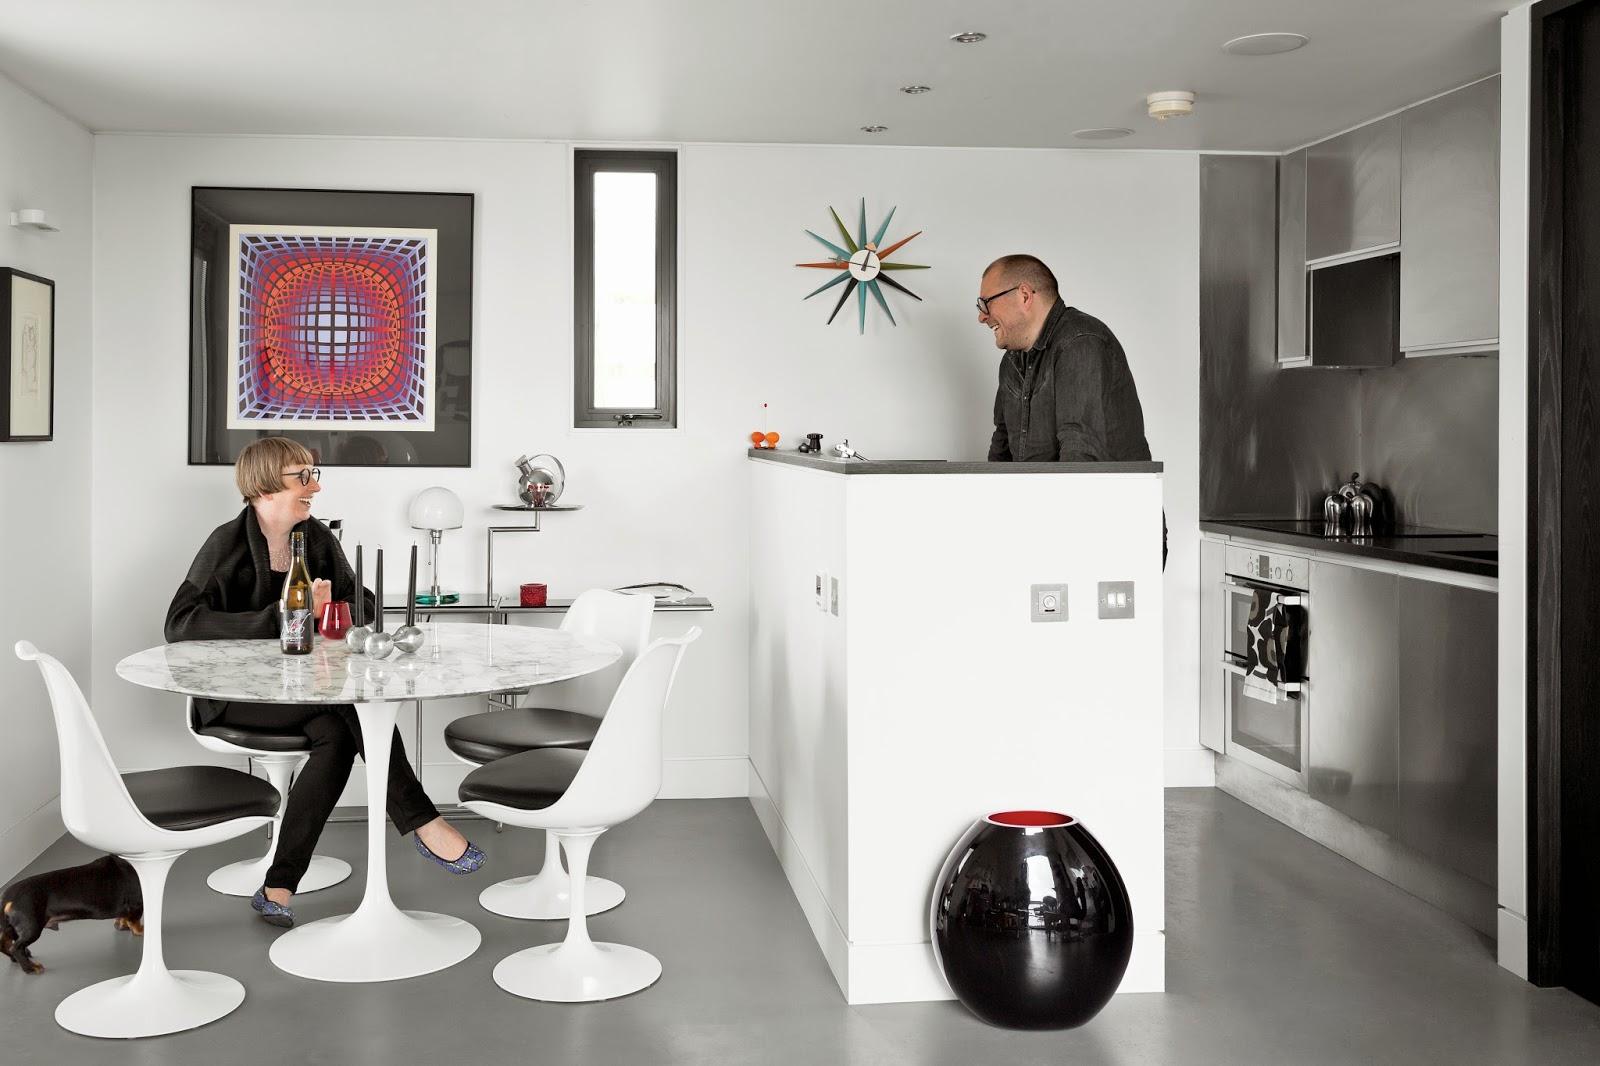 Tulip Chairs von Eero Saarinen / KNOLL auf George Nelson Wanduhr und Wagenfeld Tischleuchte – erlesene Designklassiker